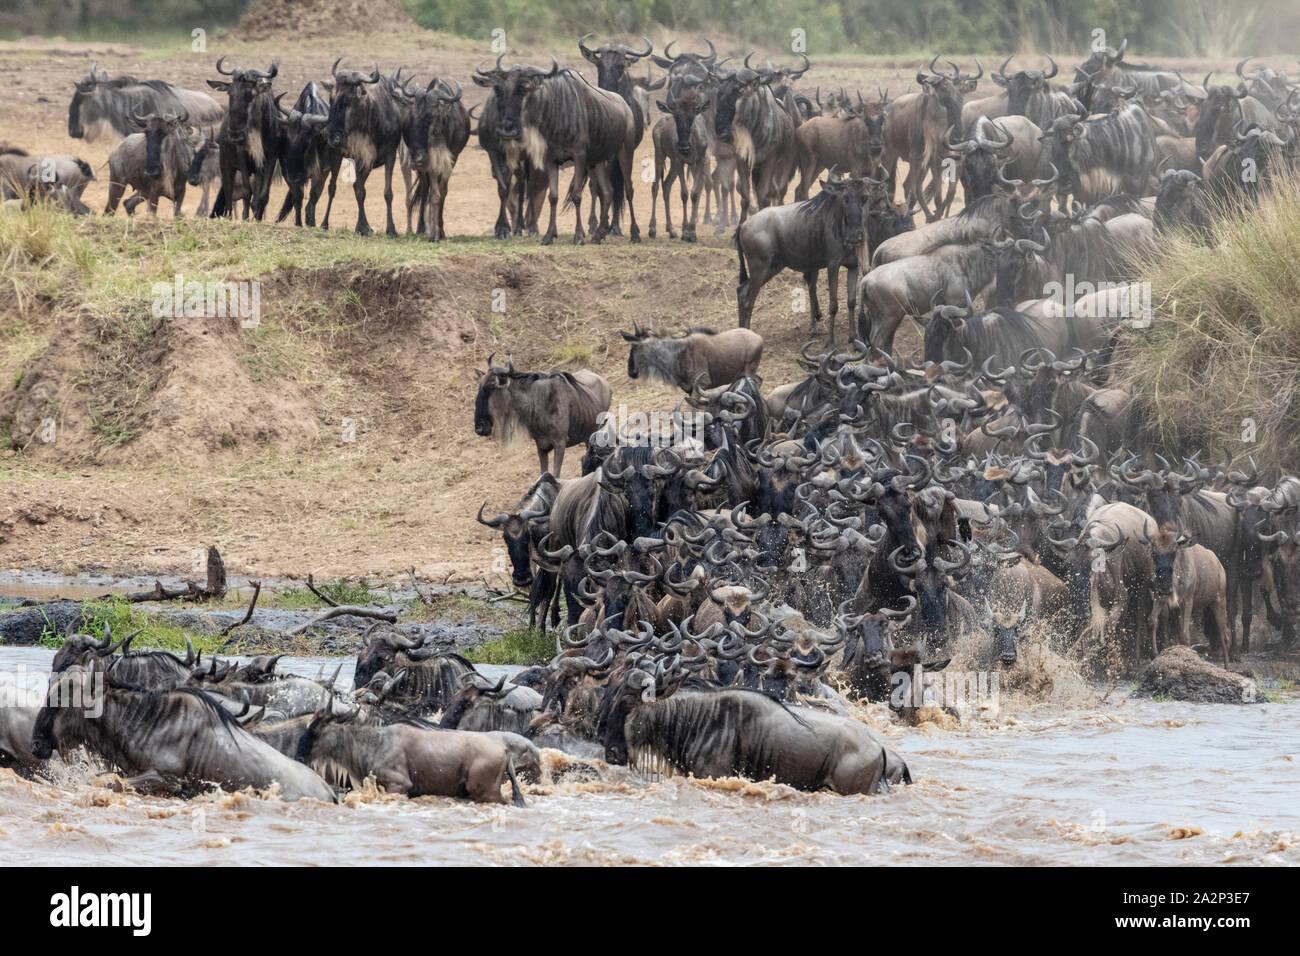 Manada de ñus cruzando el río Mara durante la migración anual, el Masai Mara, Kenya Foto de stock